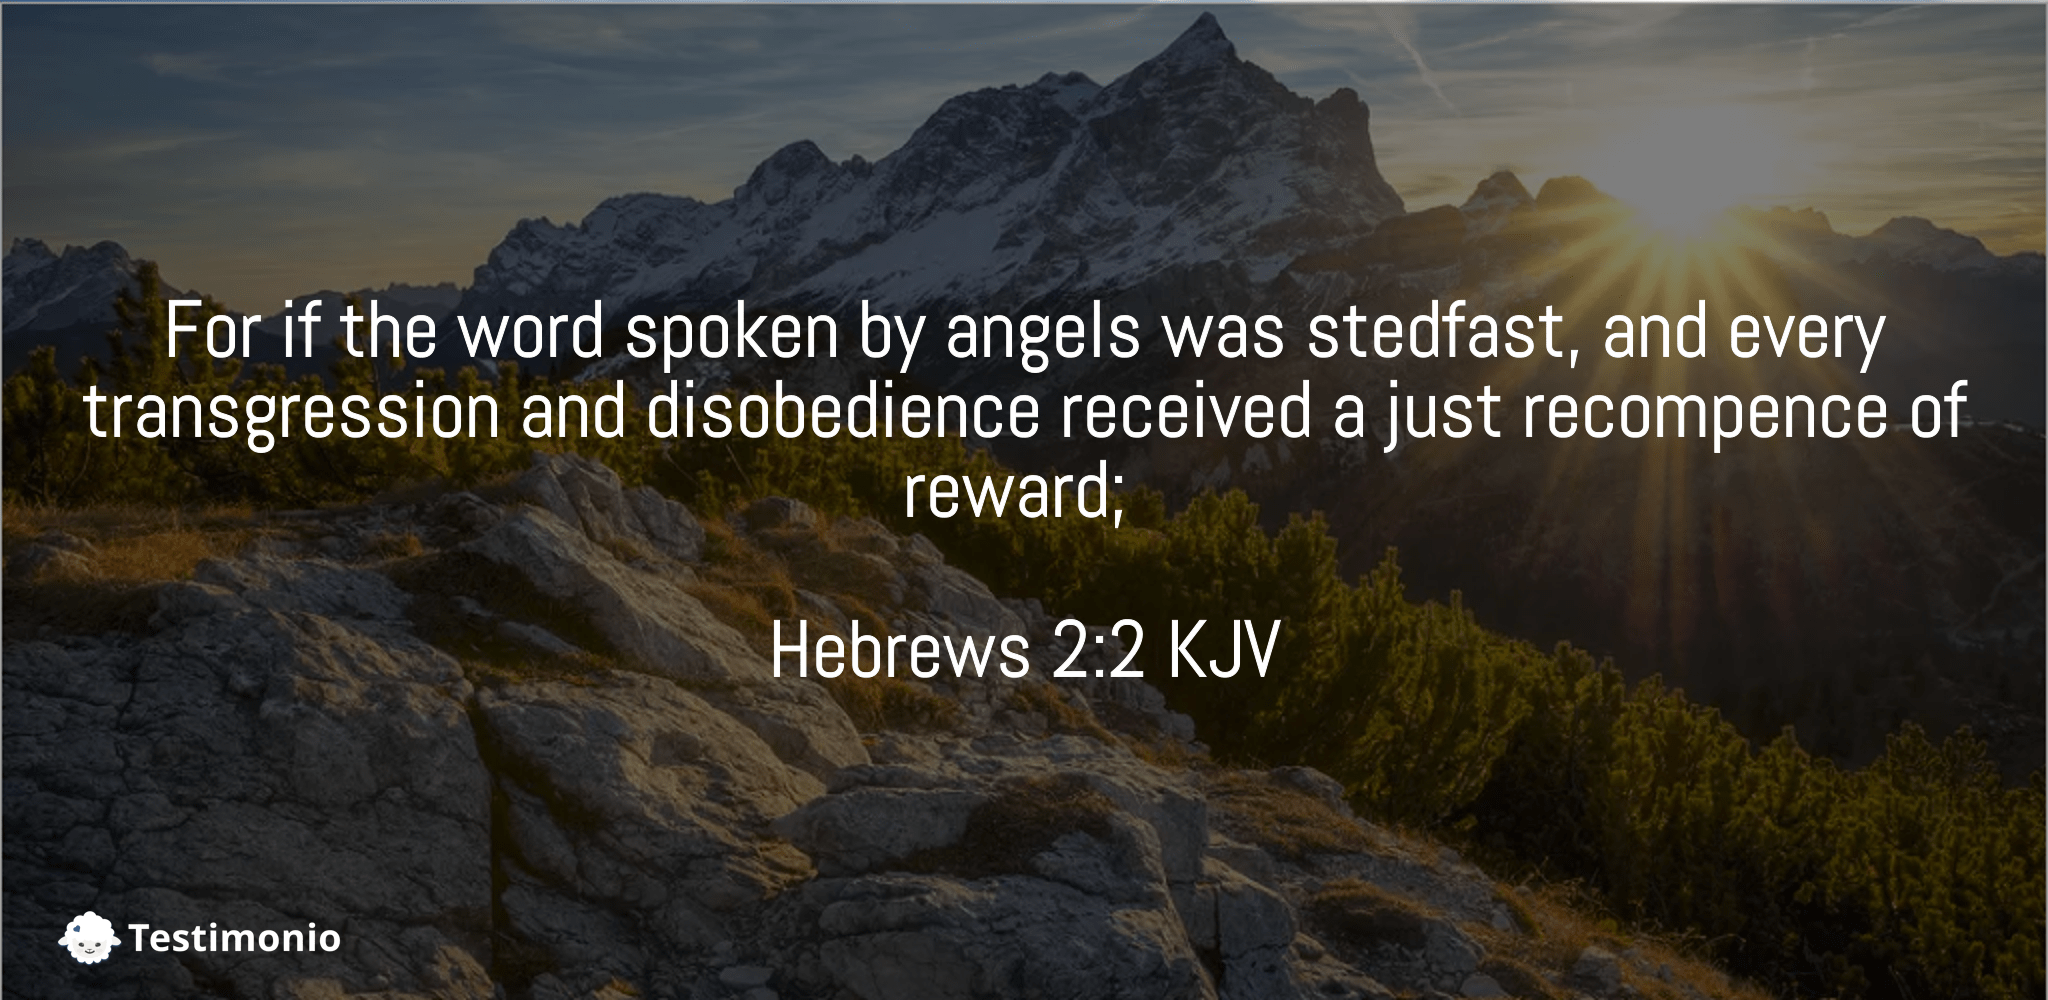 Hebrews 2:2